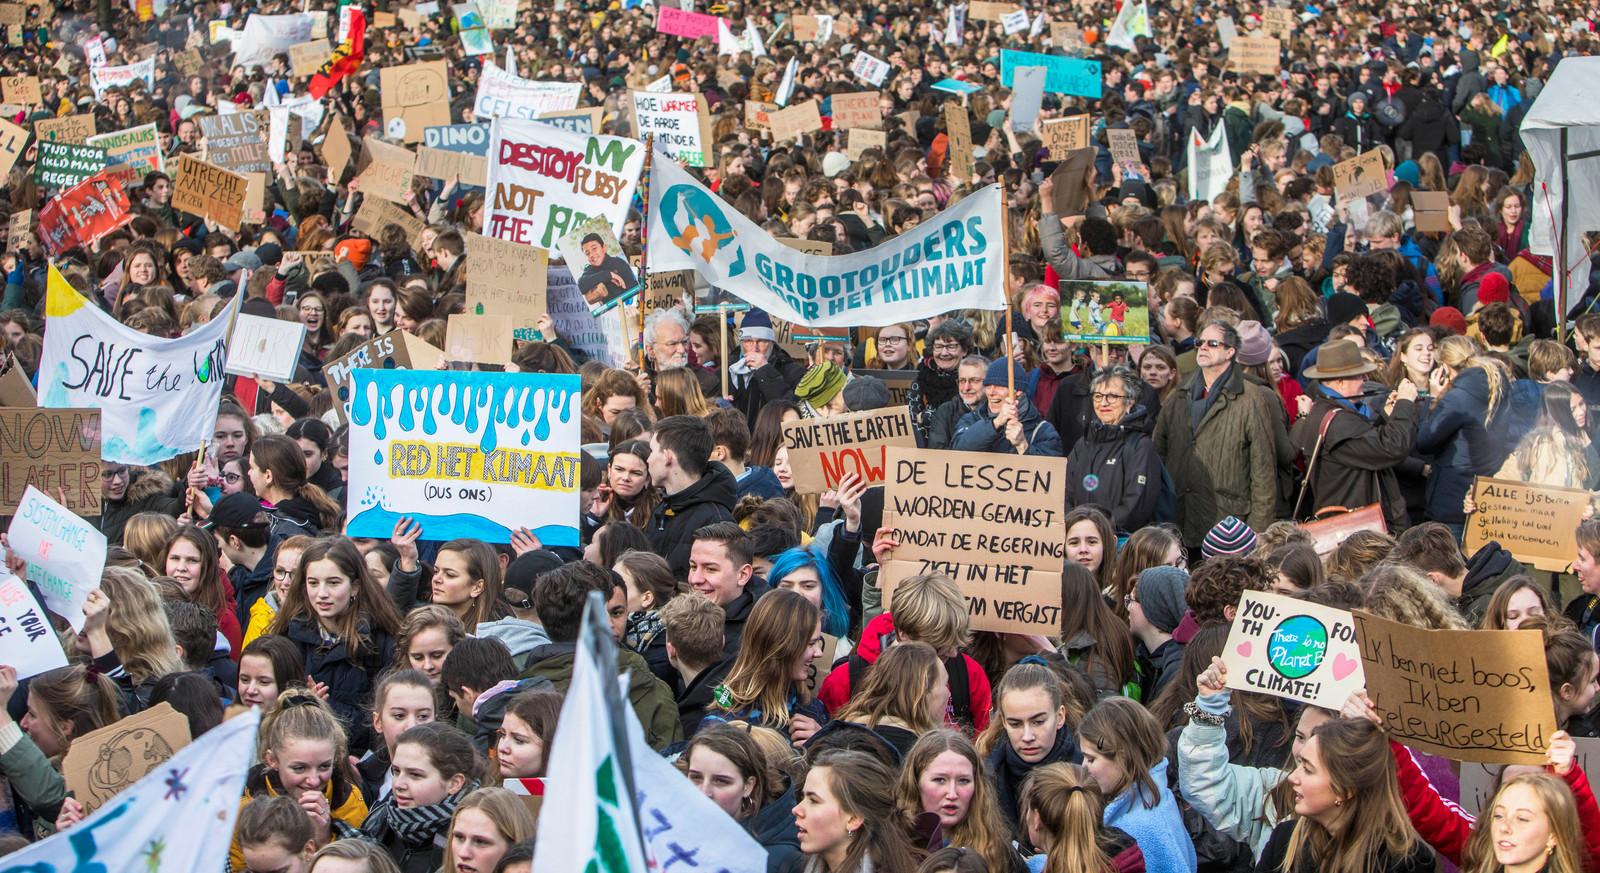 Duizenden leerlingen uit heel het land verzamelden zich gisteren in Den Haag om te demonstreren voor een strenger klimaatbeleid